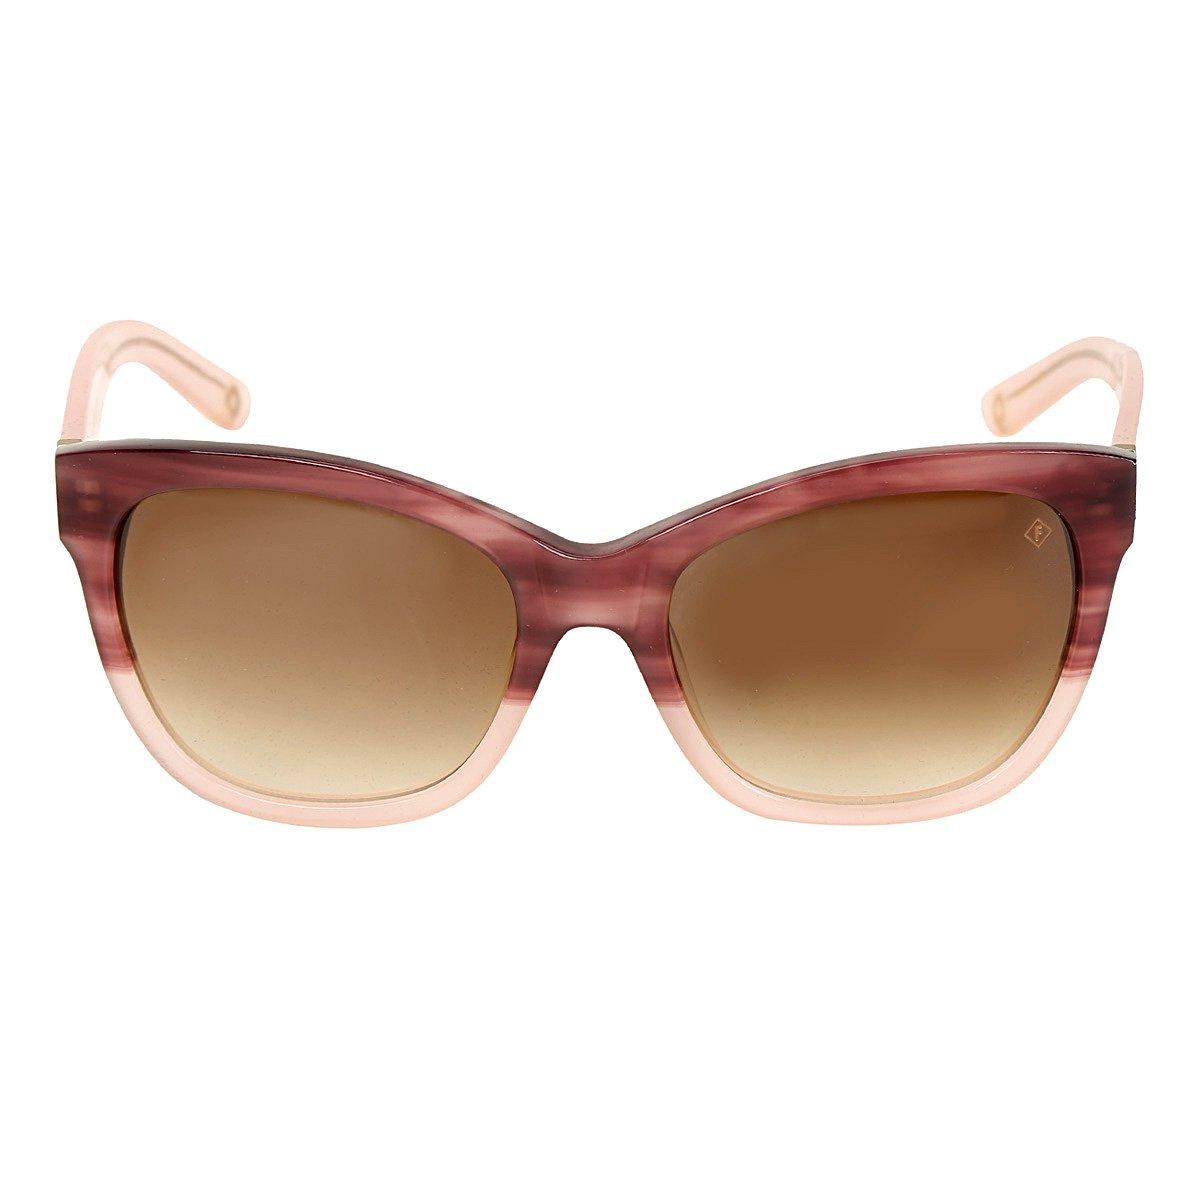 Óculos de Sol Forum Degradê Feminino - Roxo - Compre Agora   Netshoes 47547176b4